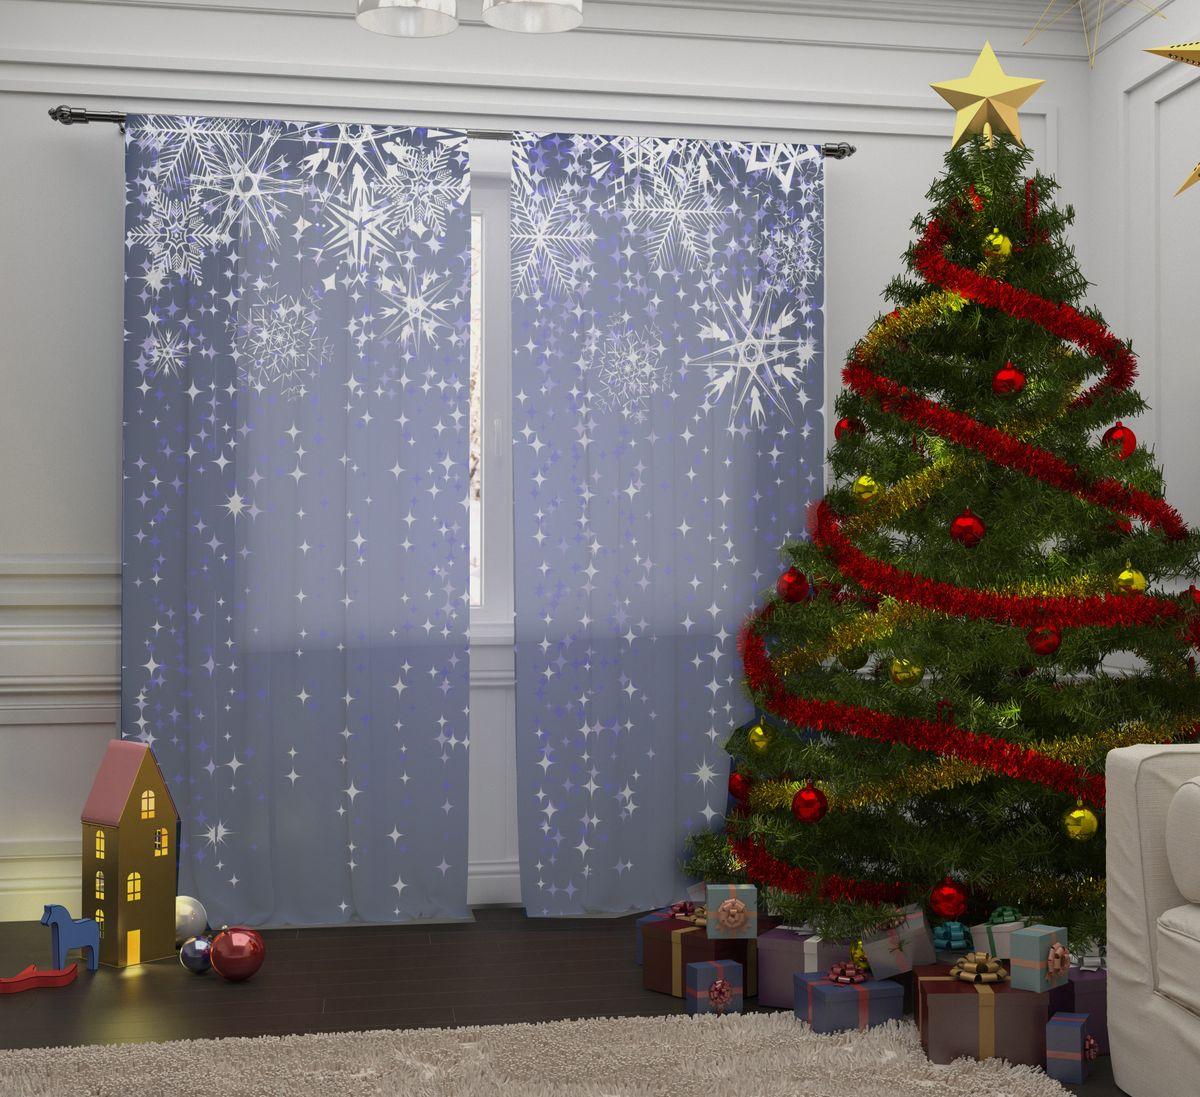 Комплект фототюлей Сирень Снежинки, на ленте, высота 260 см07195-ФТ-ВЛ-001Перед новогодними праздниками каждая хозяйка или хозяин хотят украсить свой дом. Комплект фототюлей Сирень Снежинки - оригинальное решение, которое позволит украсить ваше окно отличным рисунком с новогодней тематикой. Он выполнен из легкой парящейвуали. Новогодняя фототюль Сирень станет отличным подарком на Новый год. Подарите радость праздника себе и вашим близким людям!